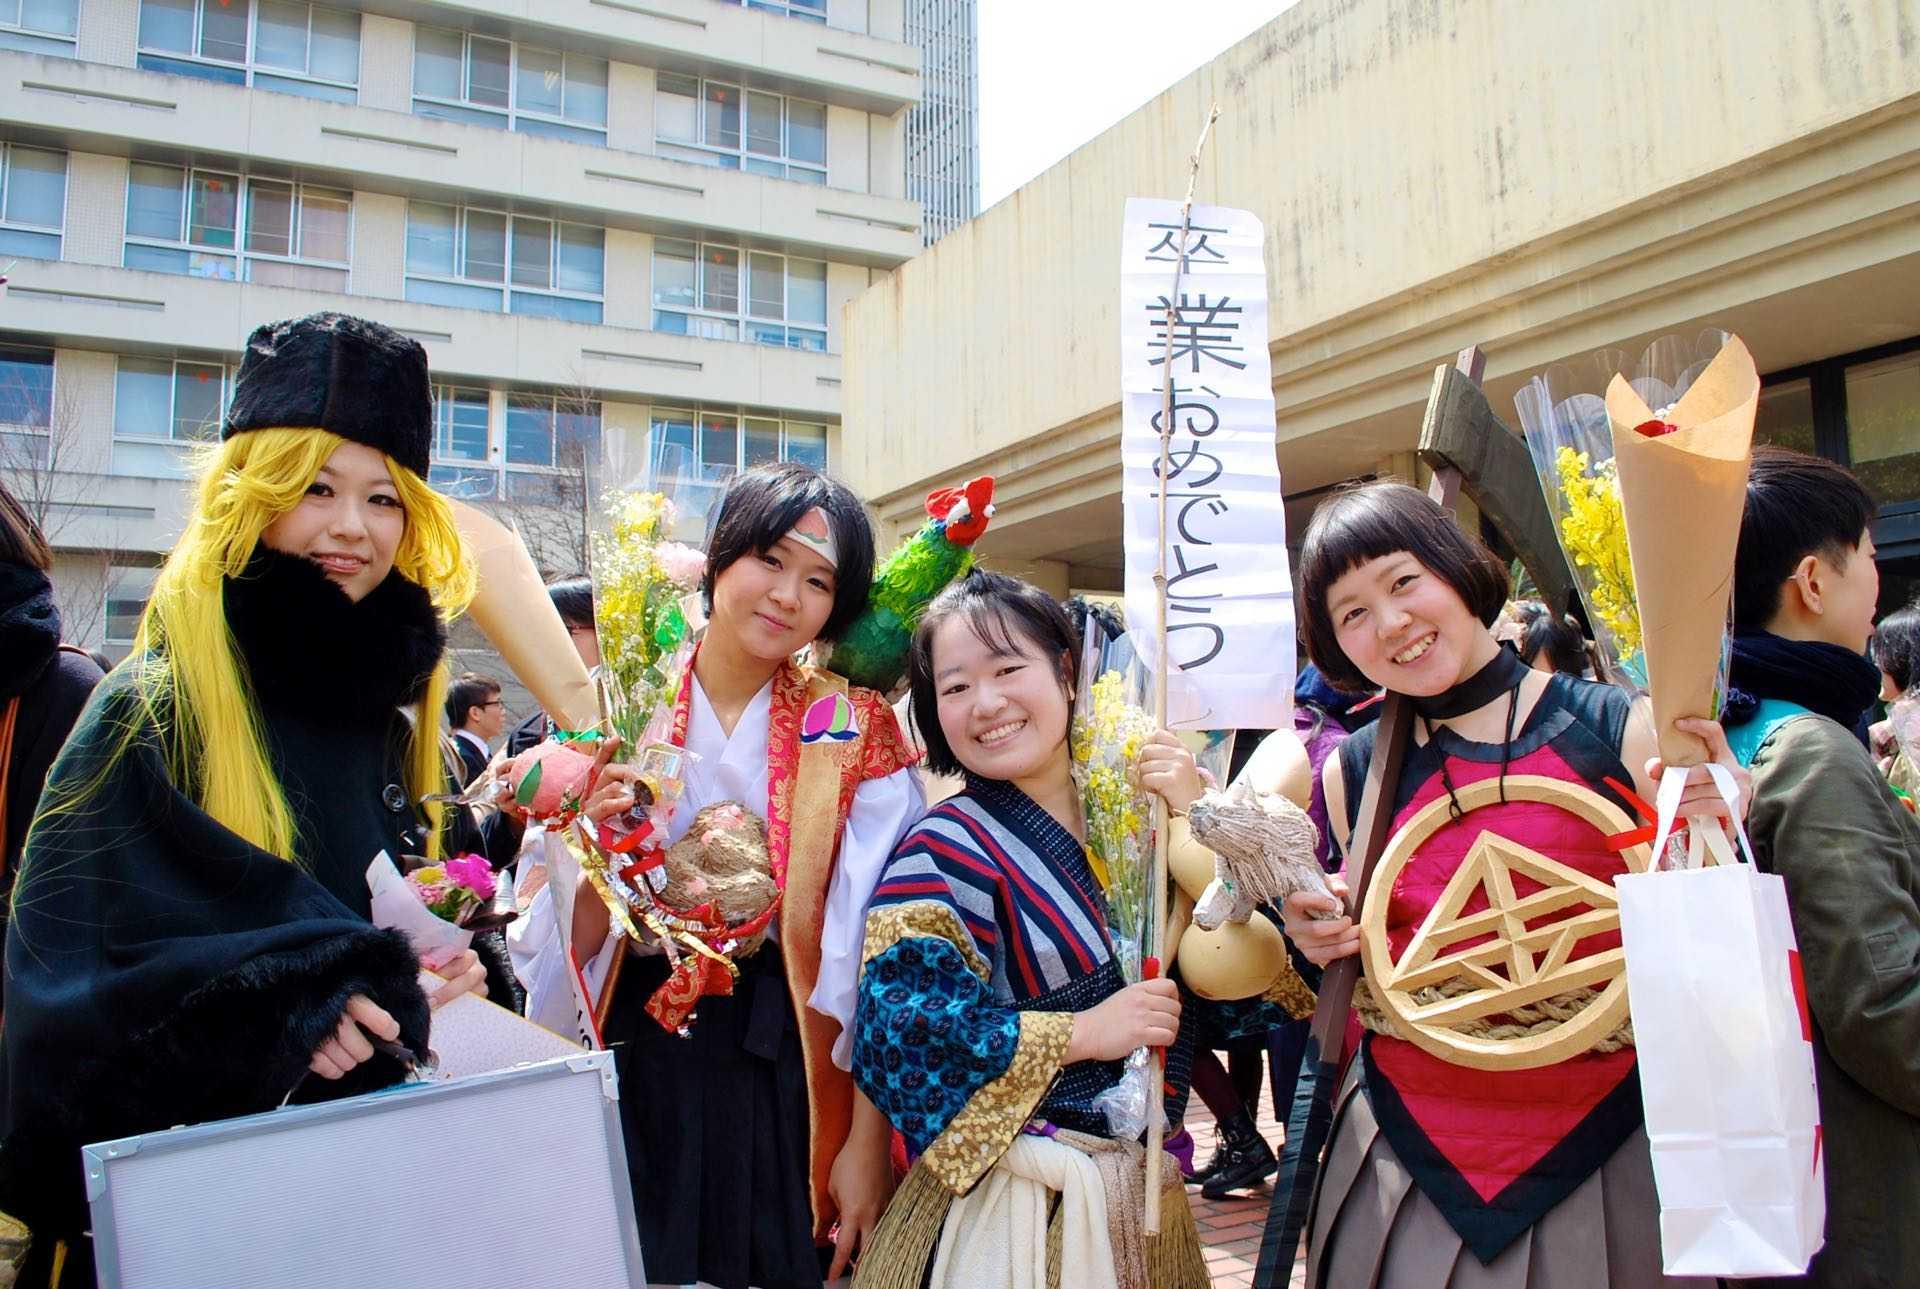 京都市立芸術大学の卒業式の写真